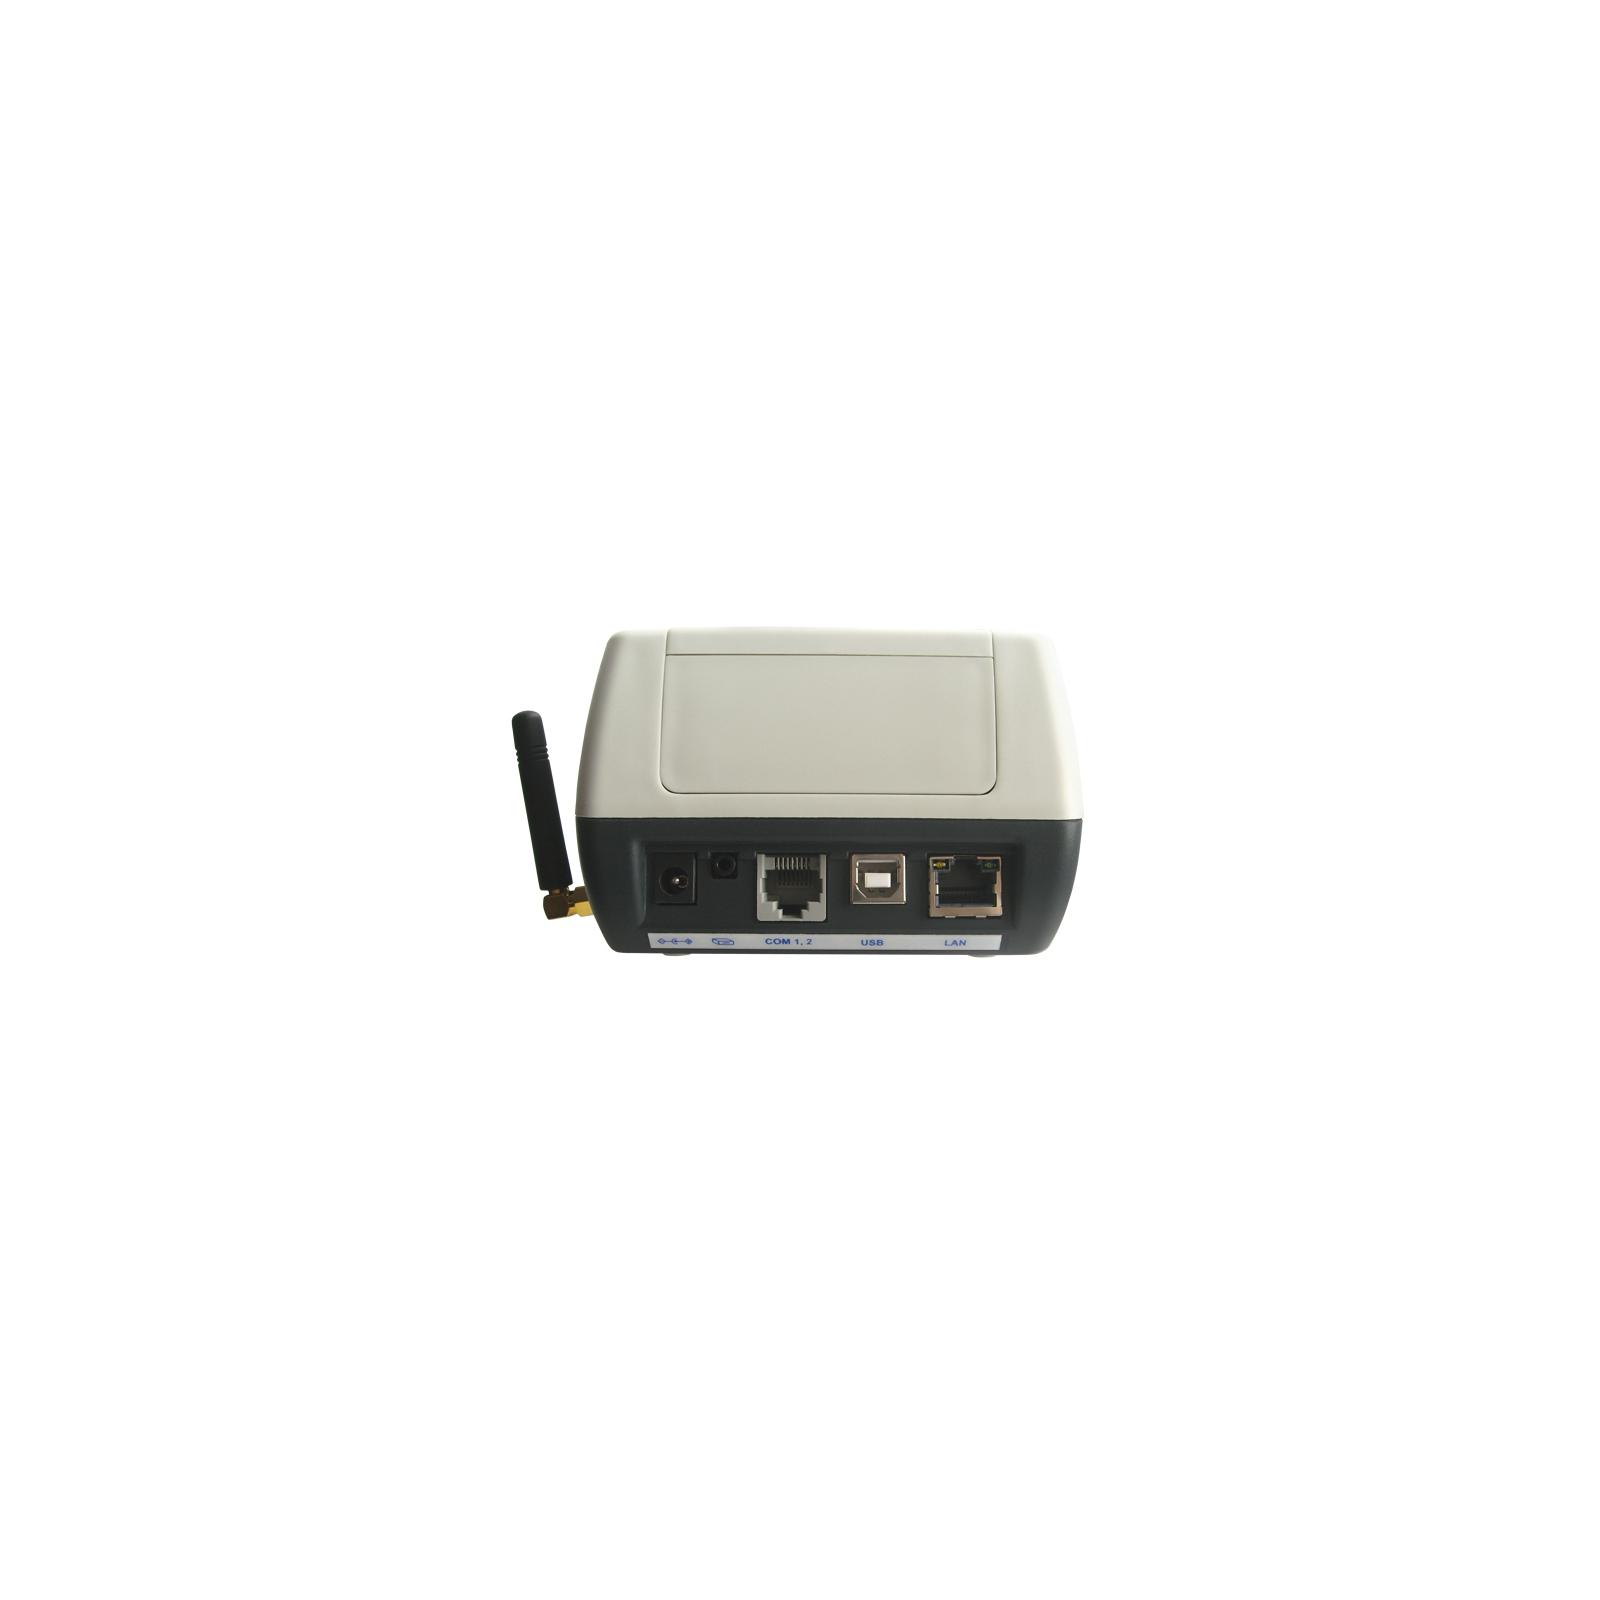 Кассовый аппарат Unisystem MINI-5101-2 rev. EGM (5101-2 rev. EGM) изображение 4